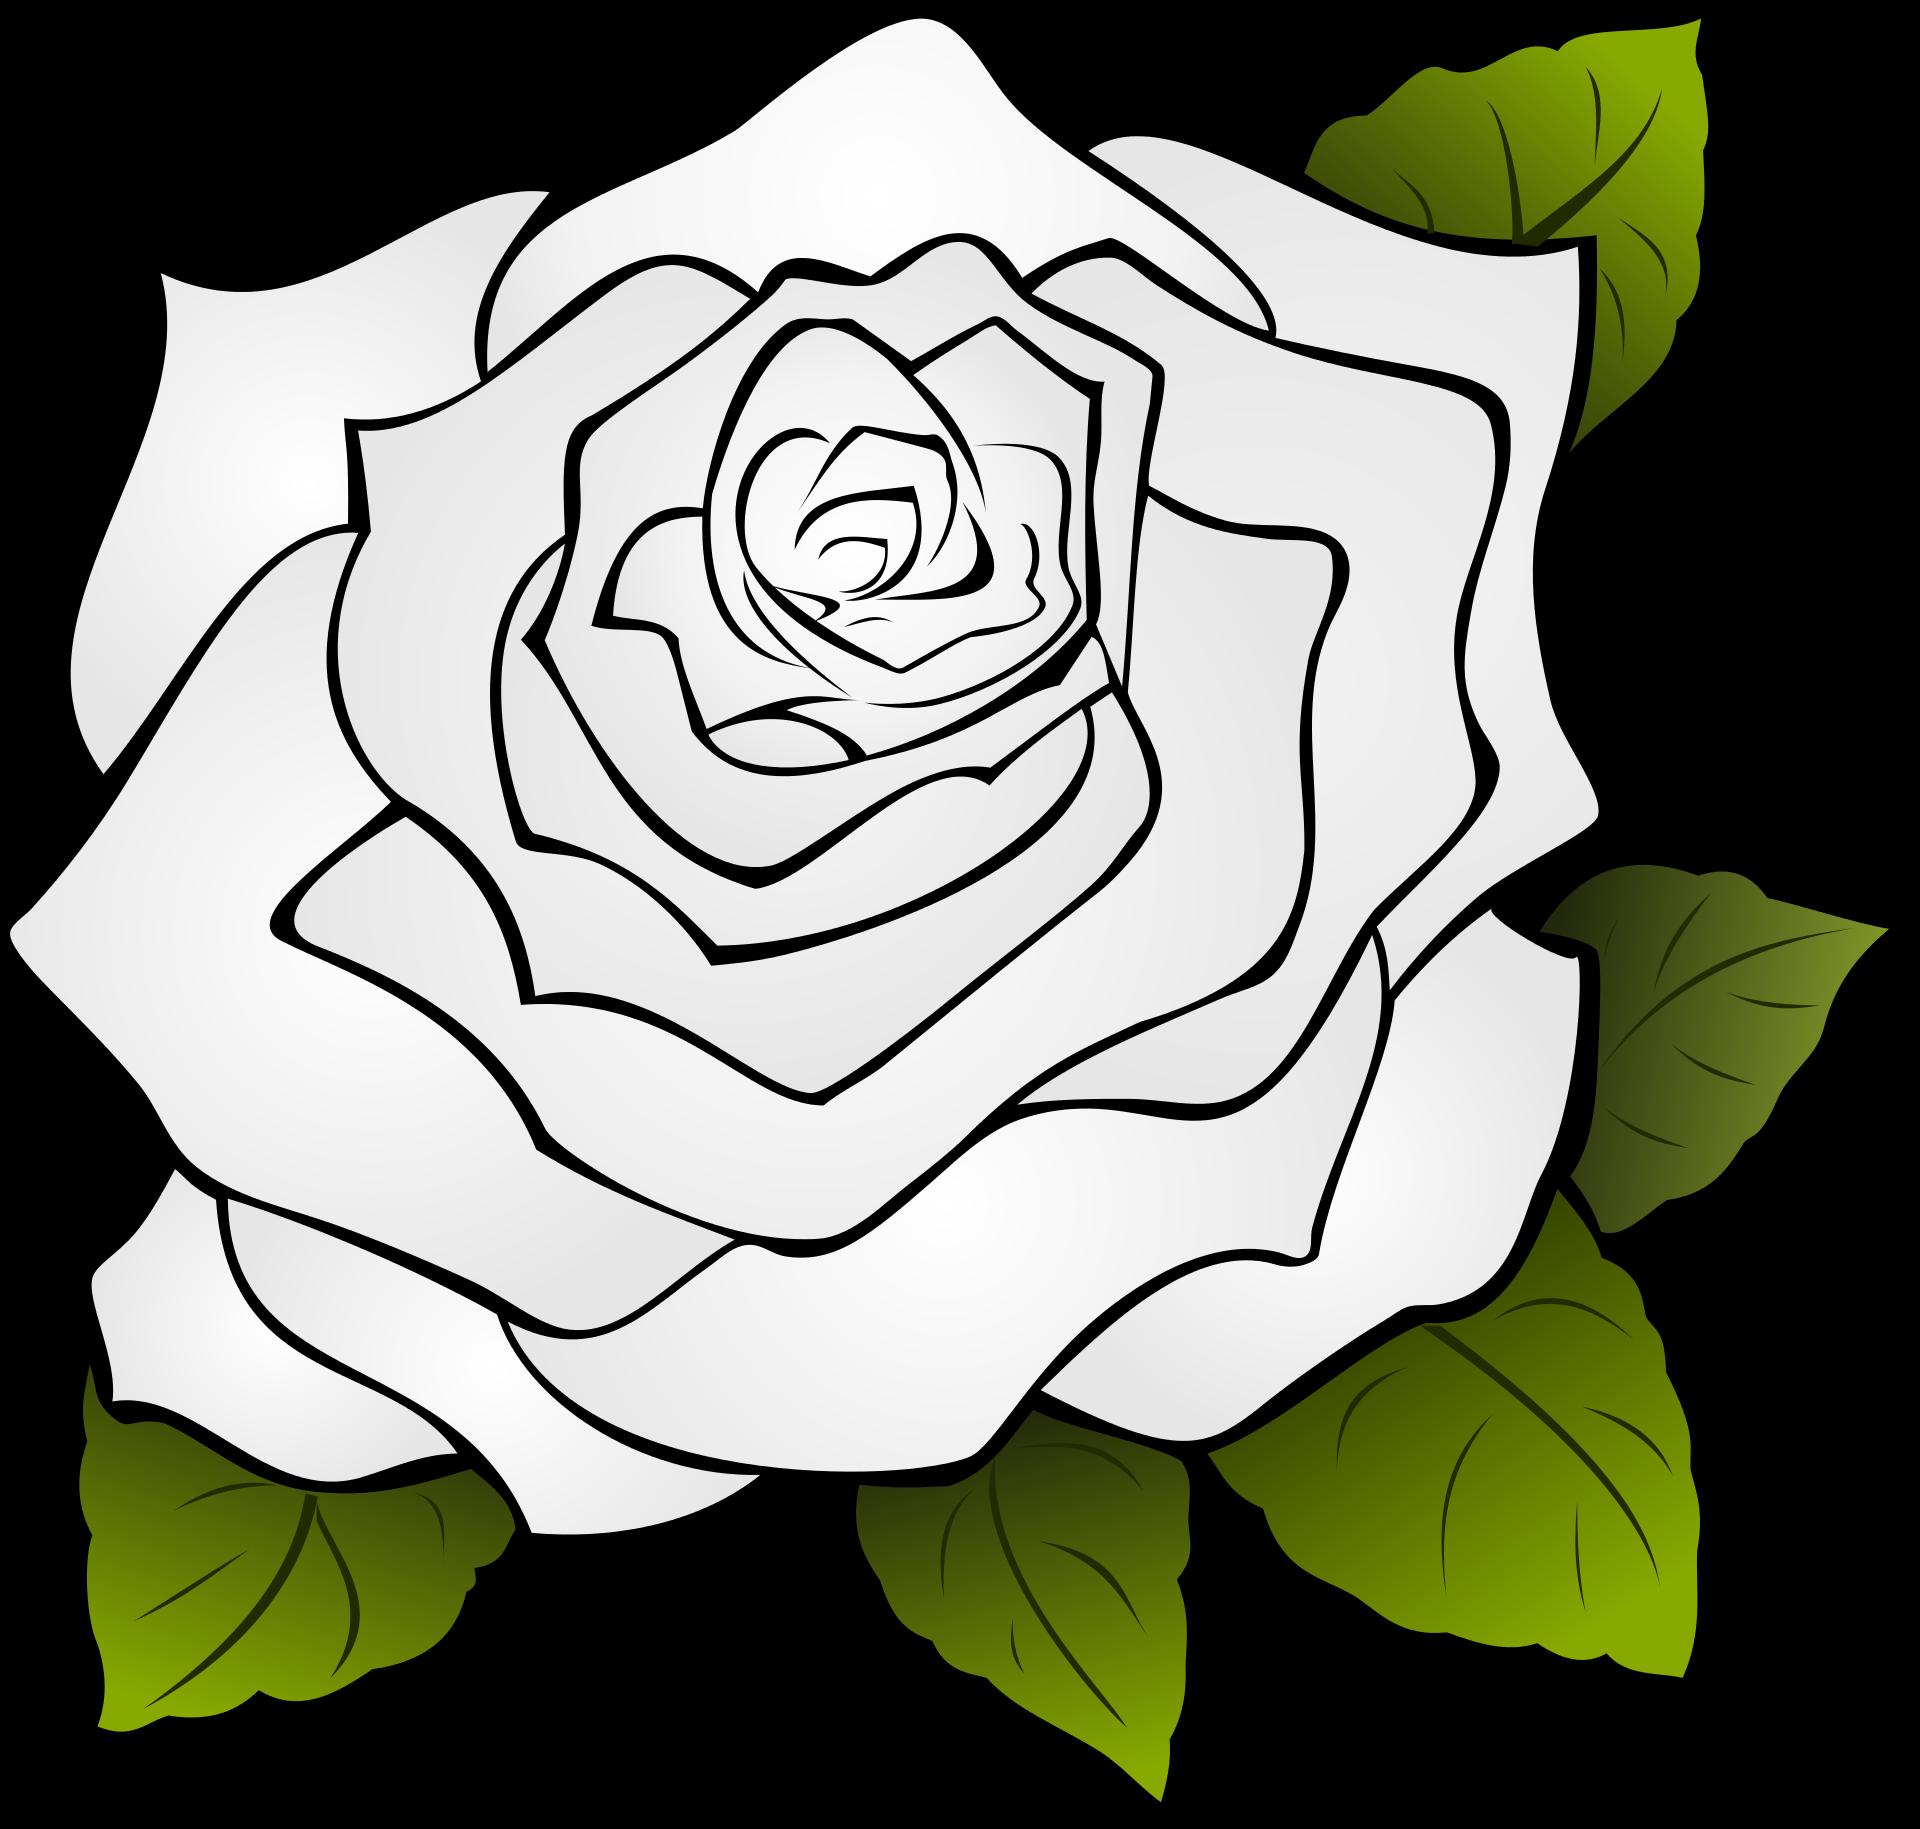 черно белые картинки для распечатки роза рисунок